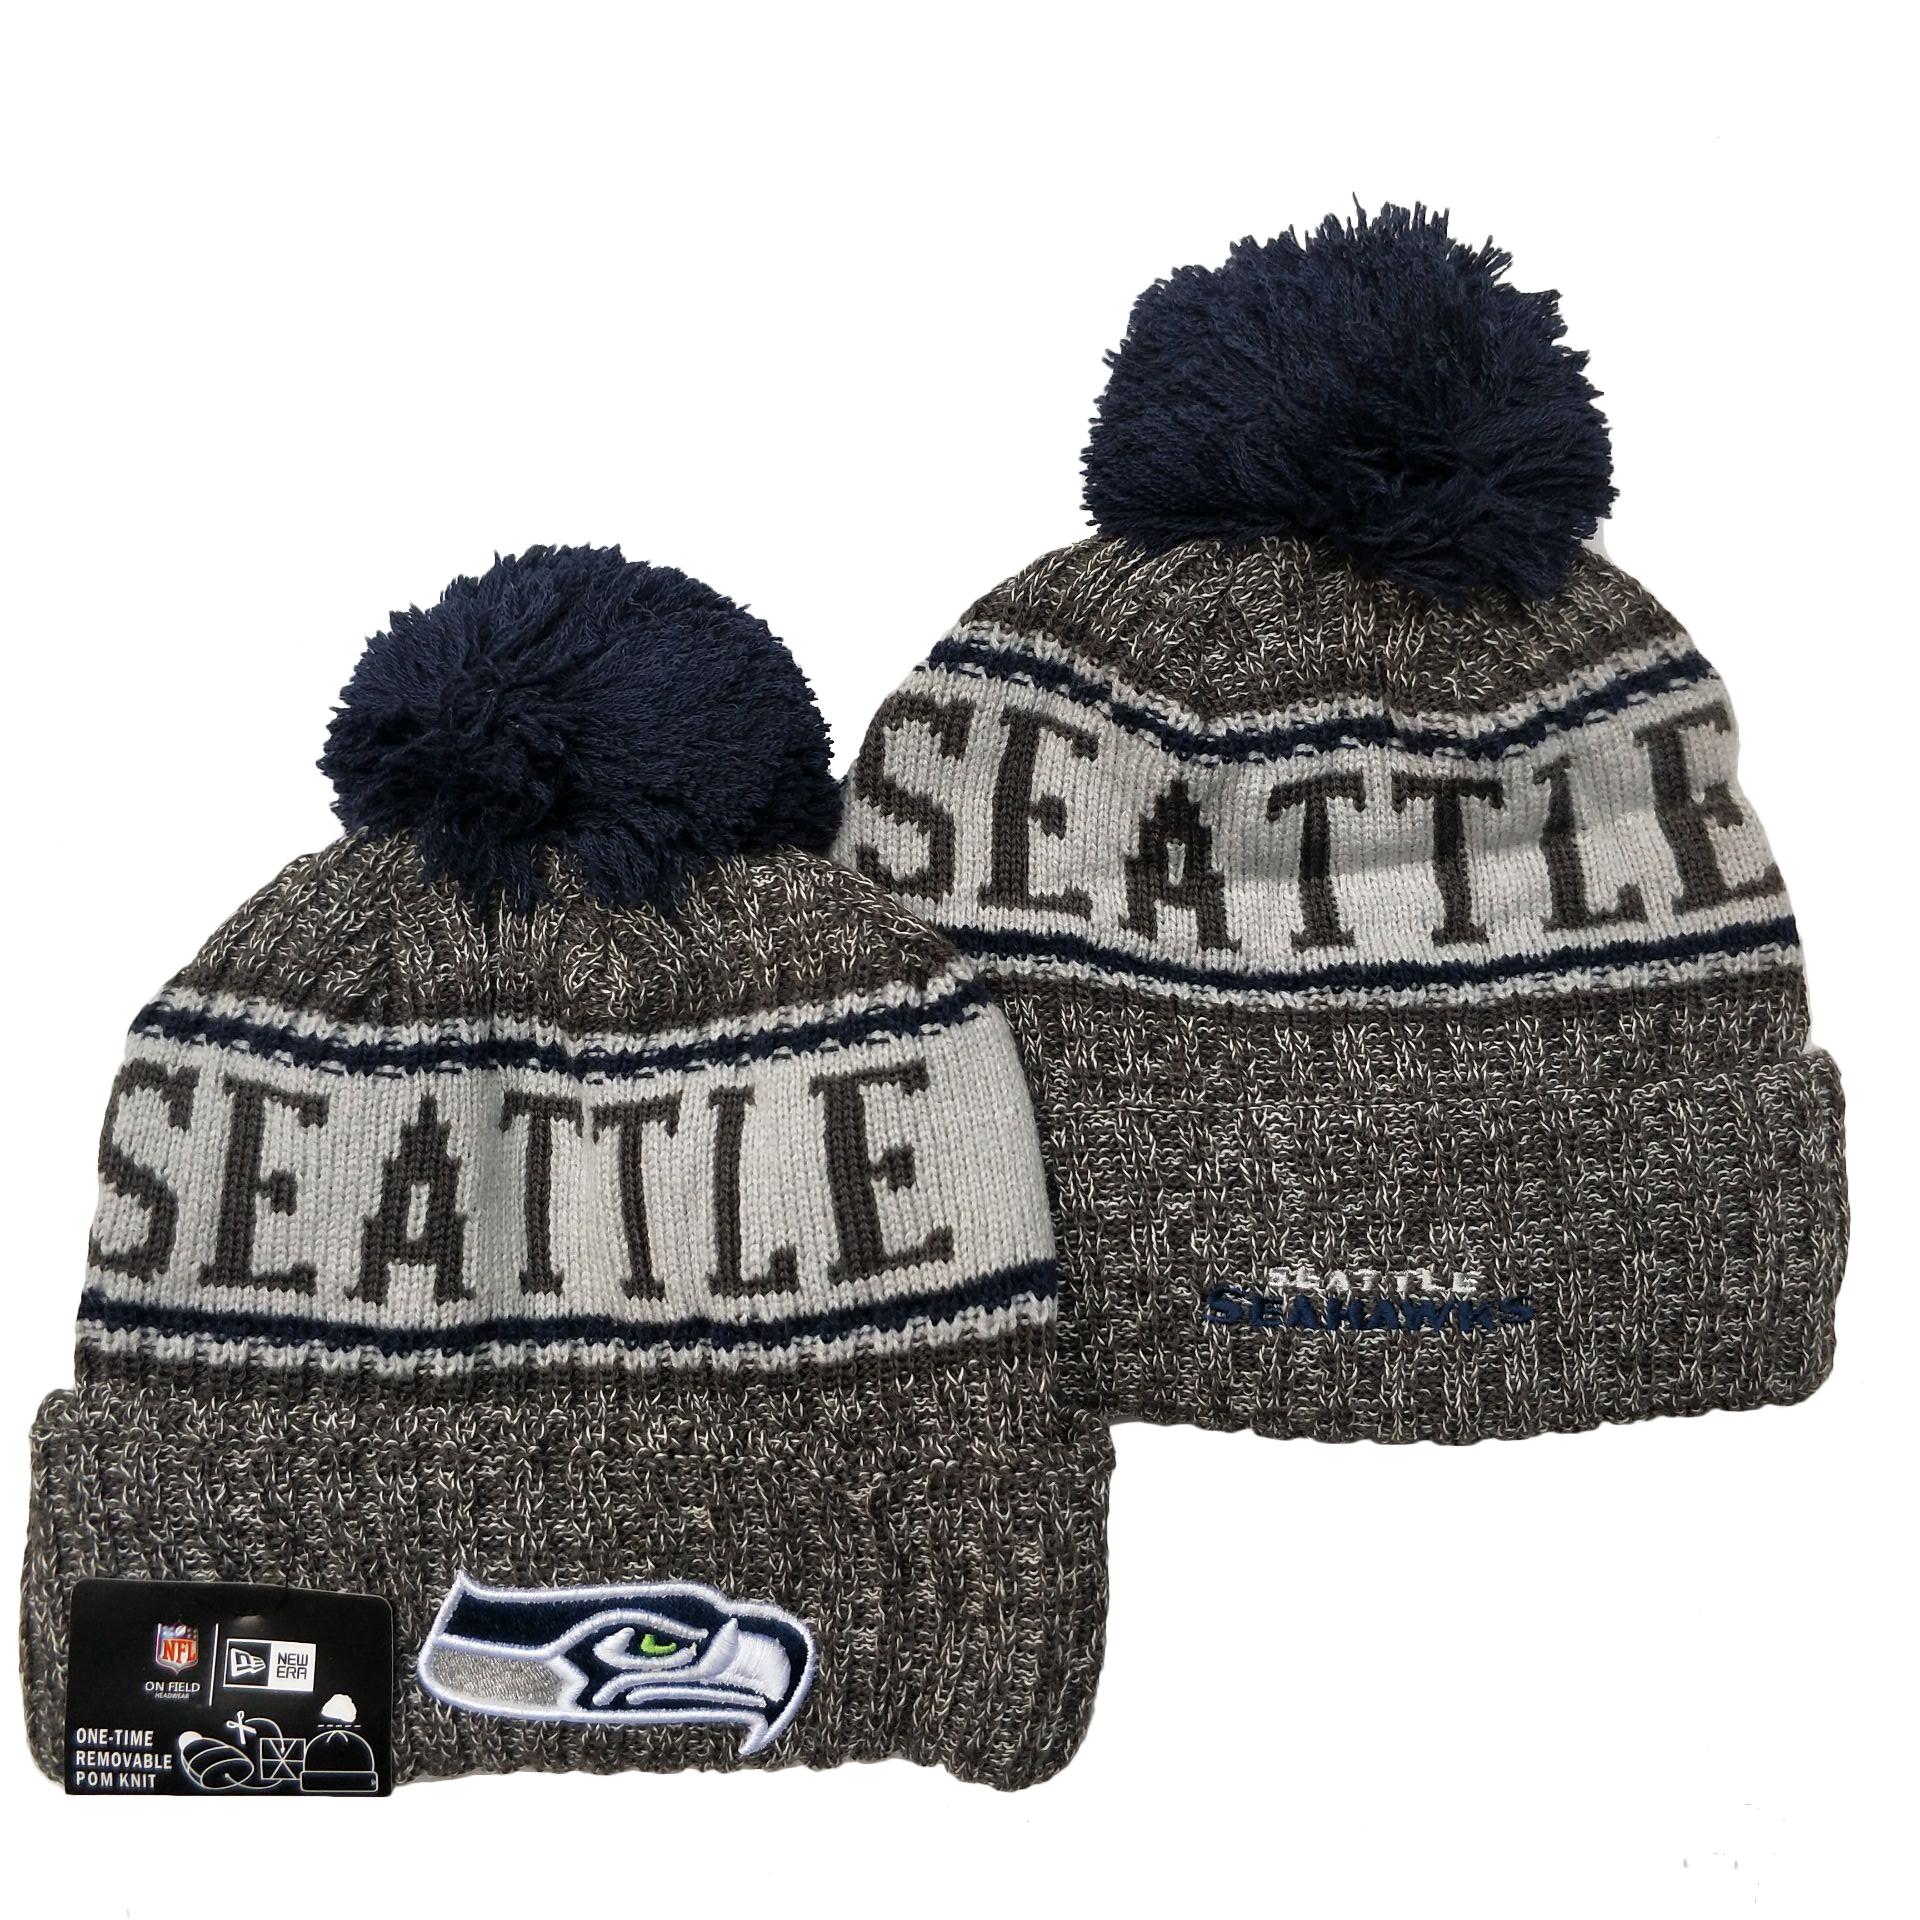 Seahawks Team Logo Gray Pom Cuffed Knit Hat YD